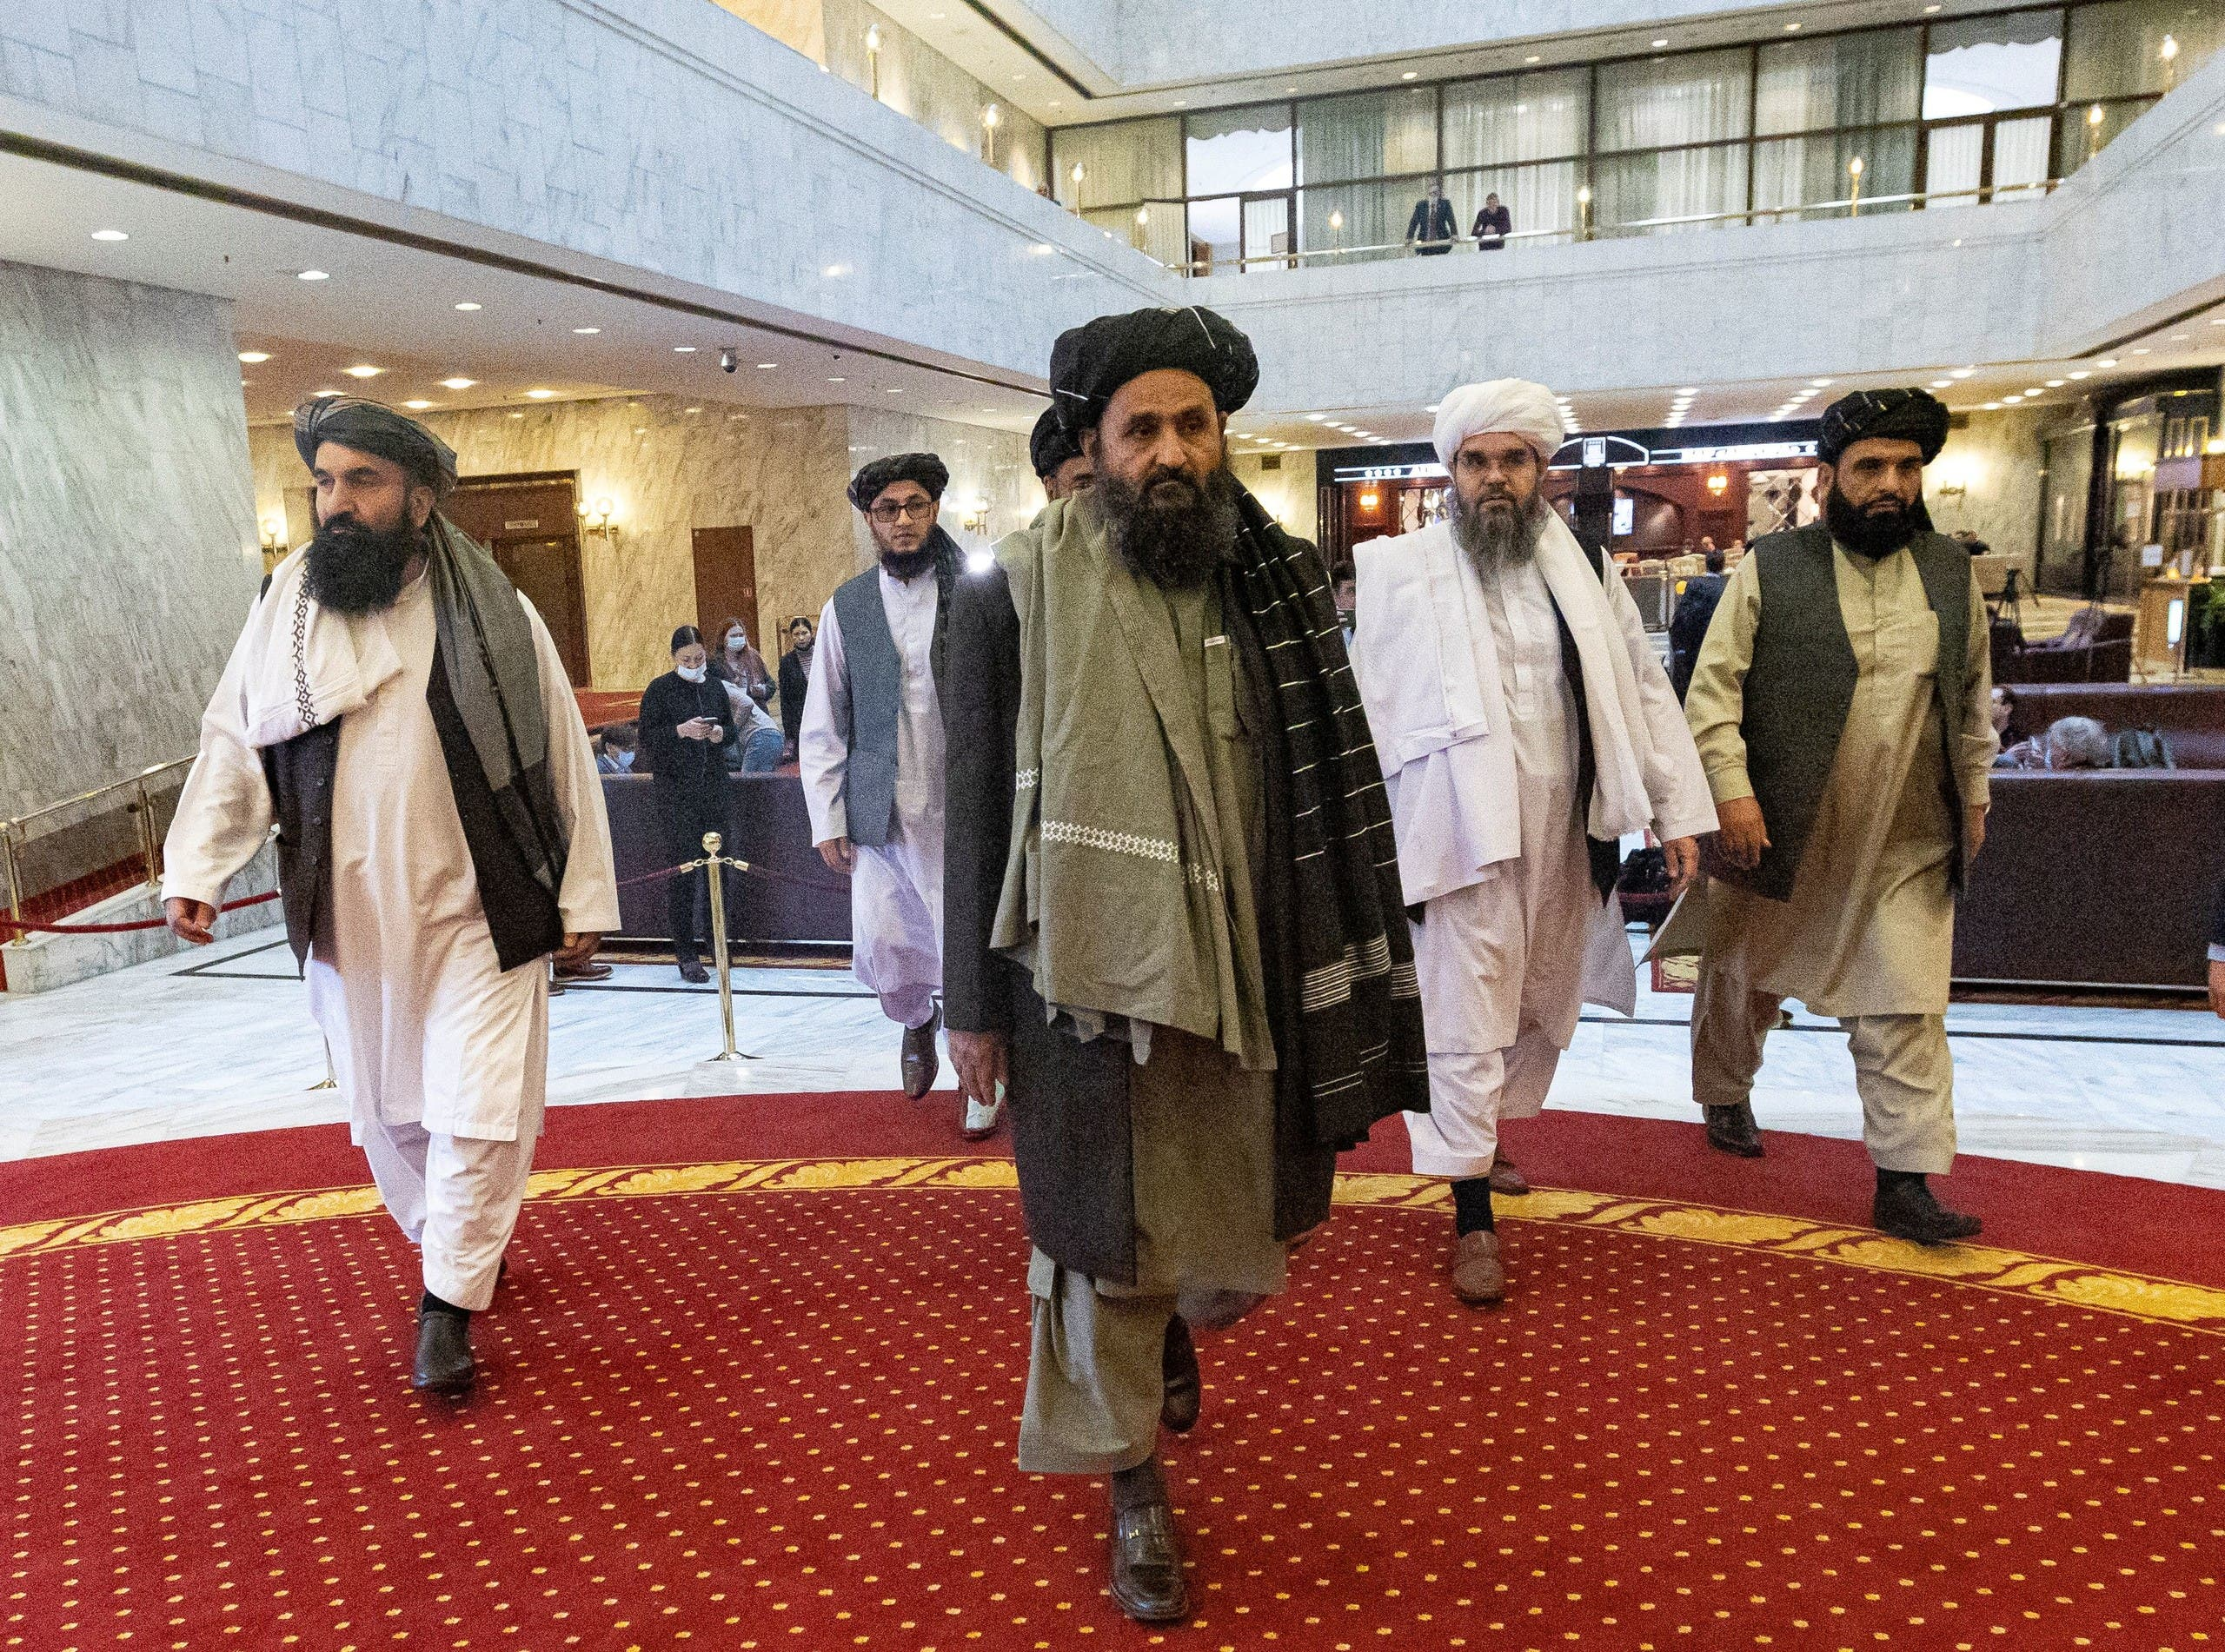 وفد أفغانستان خلال مؤتمر في موسكو في مارس الماضي حول السلام في أفغانستان